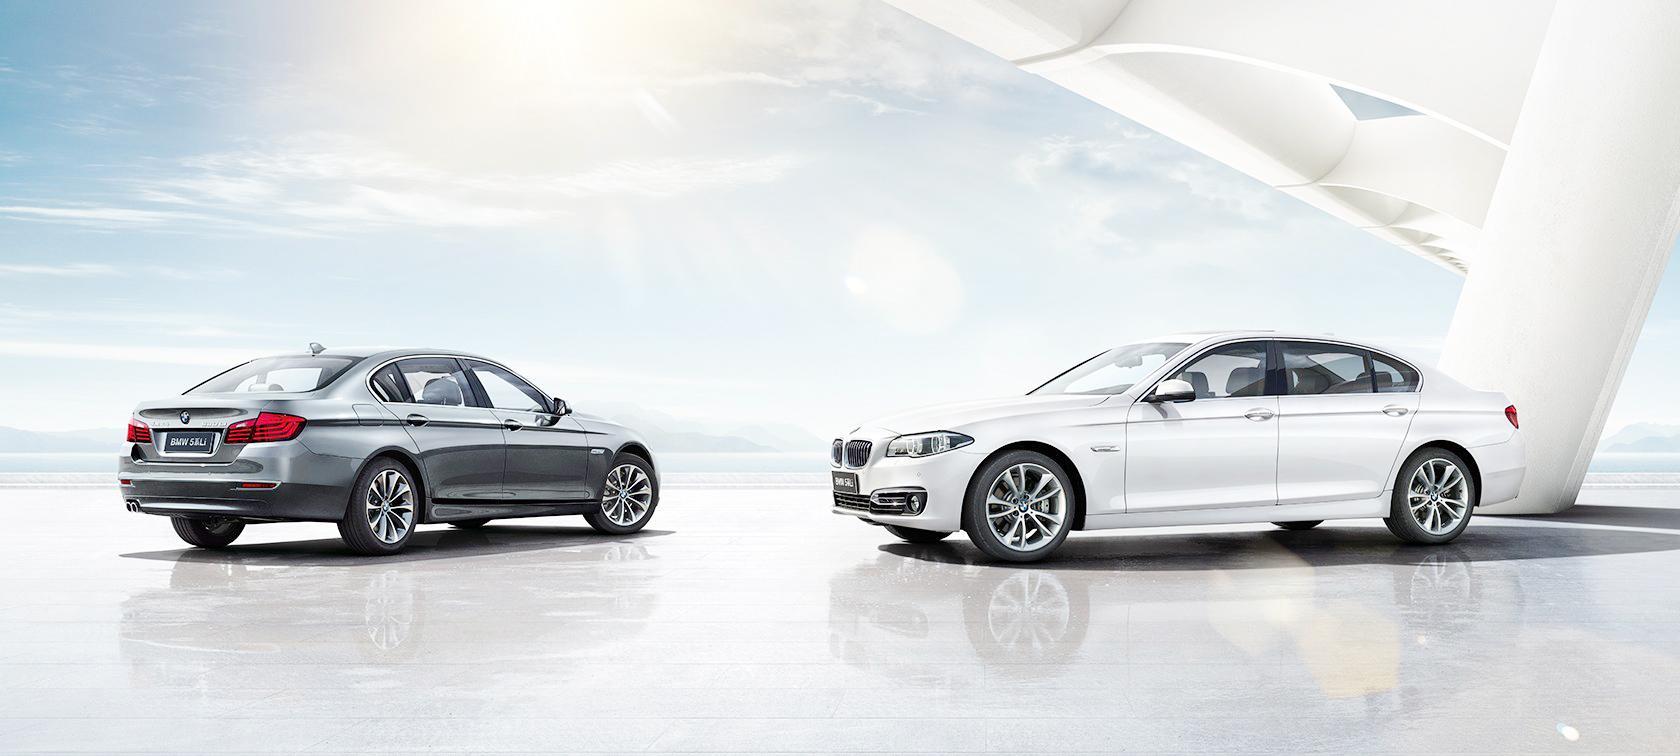 「车榜单」2017年4月 轿车销量与价格优惠排行榜